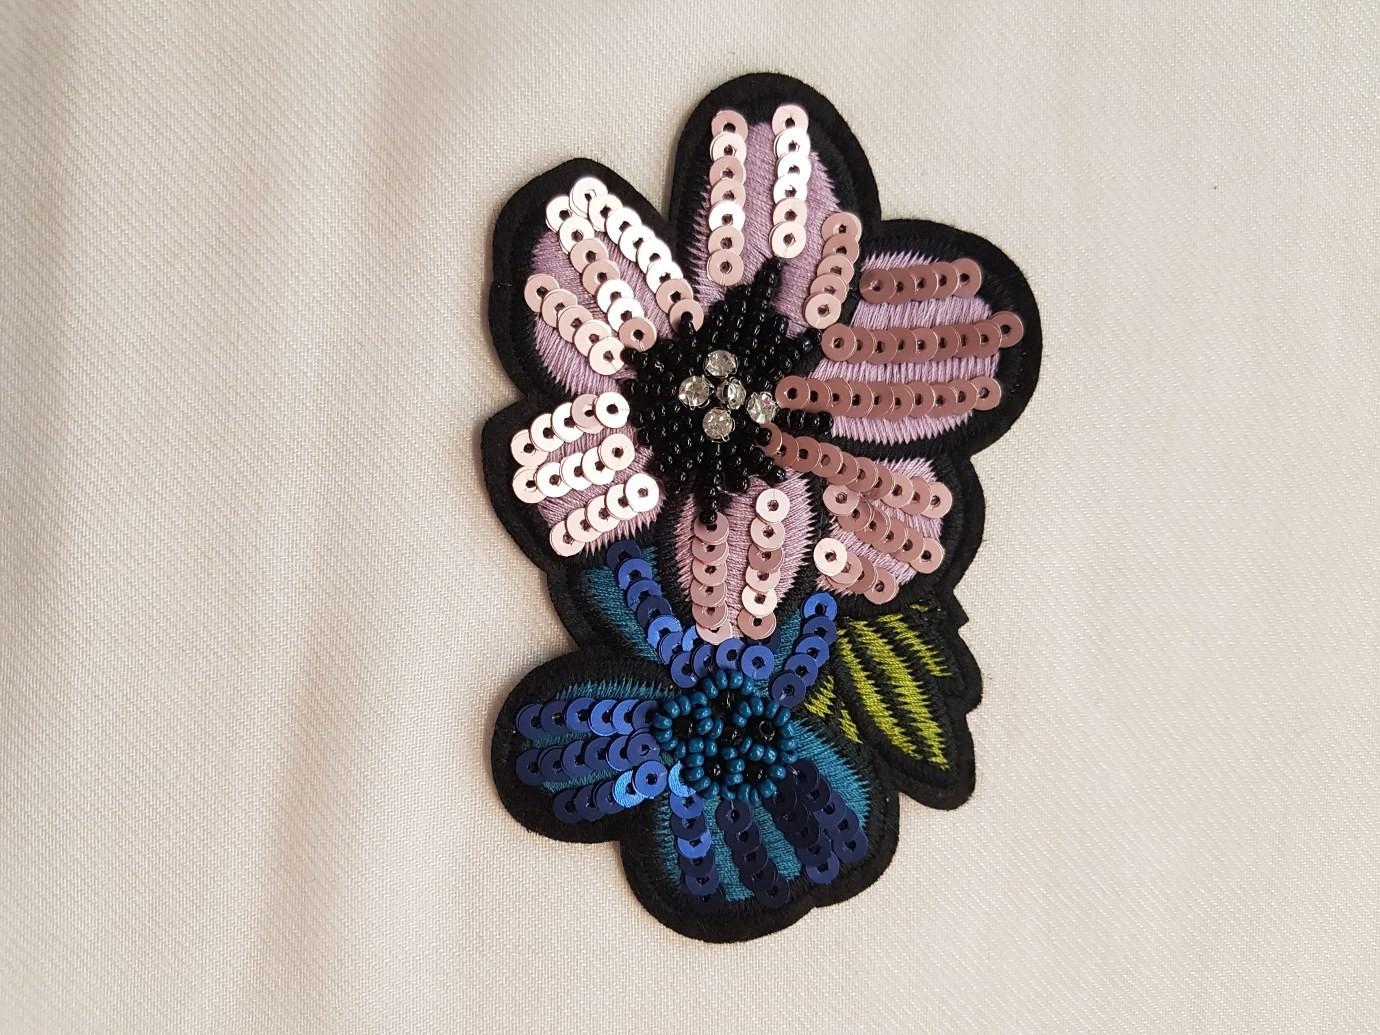 Aplicatie florala roz-albastru din paiete mate